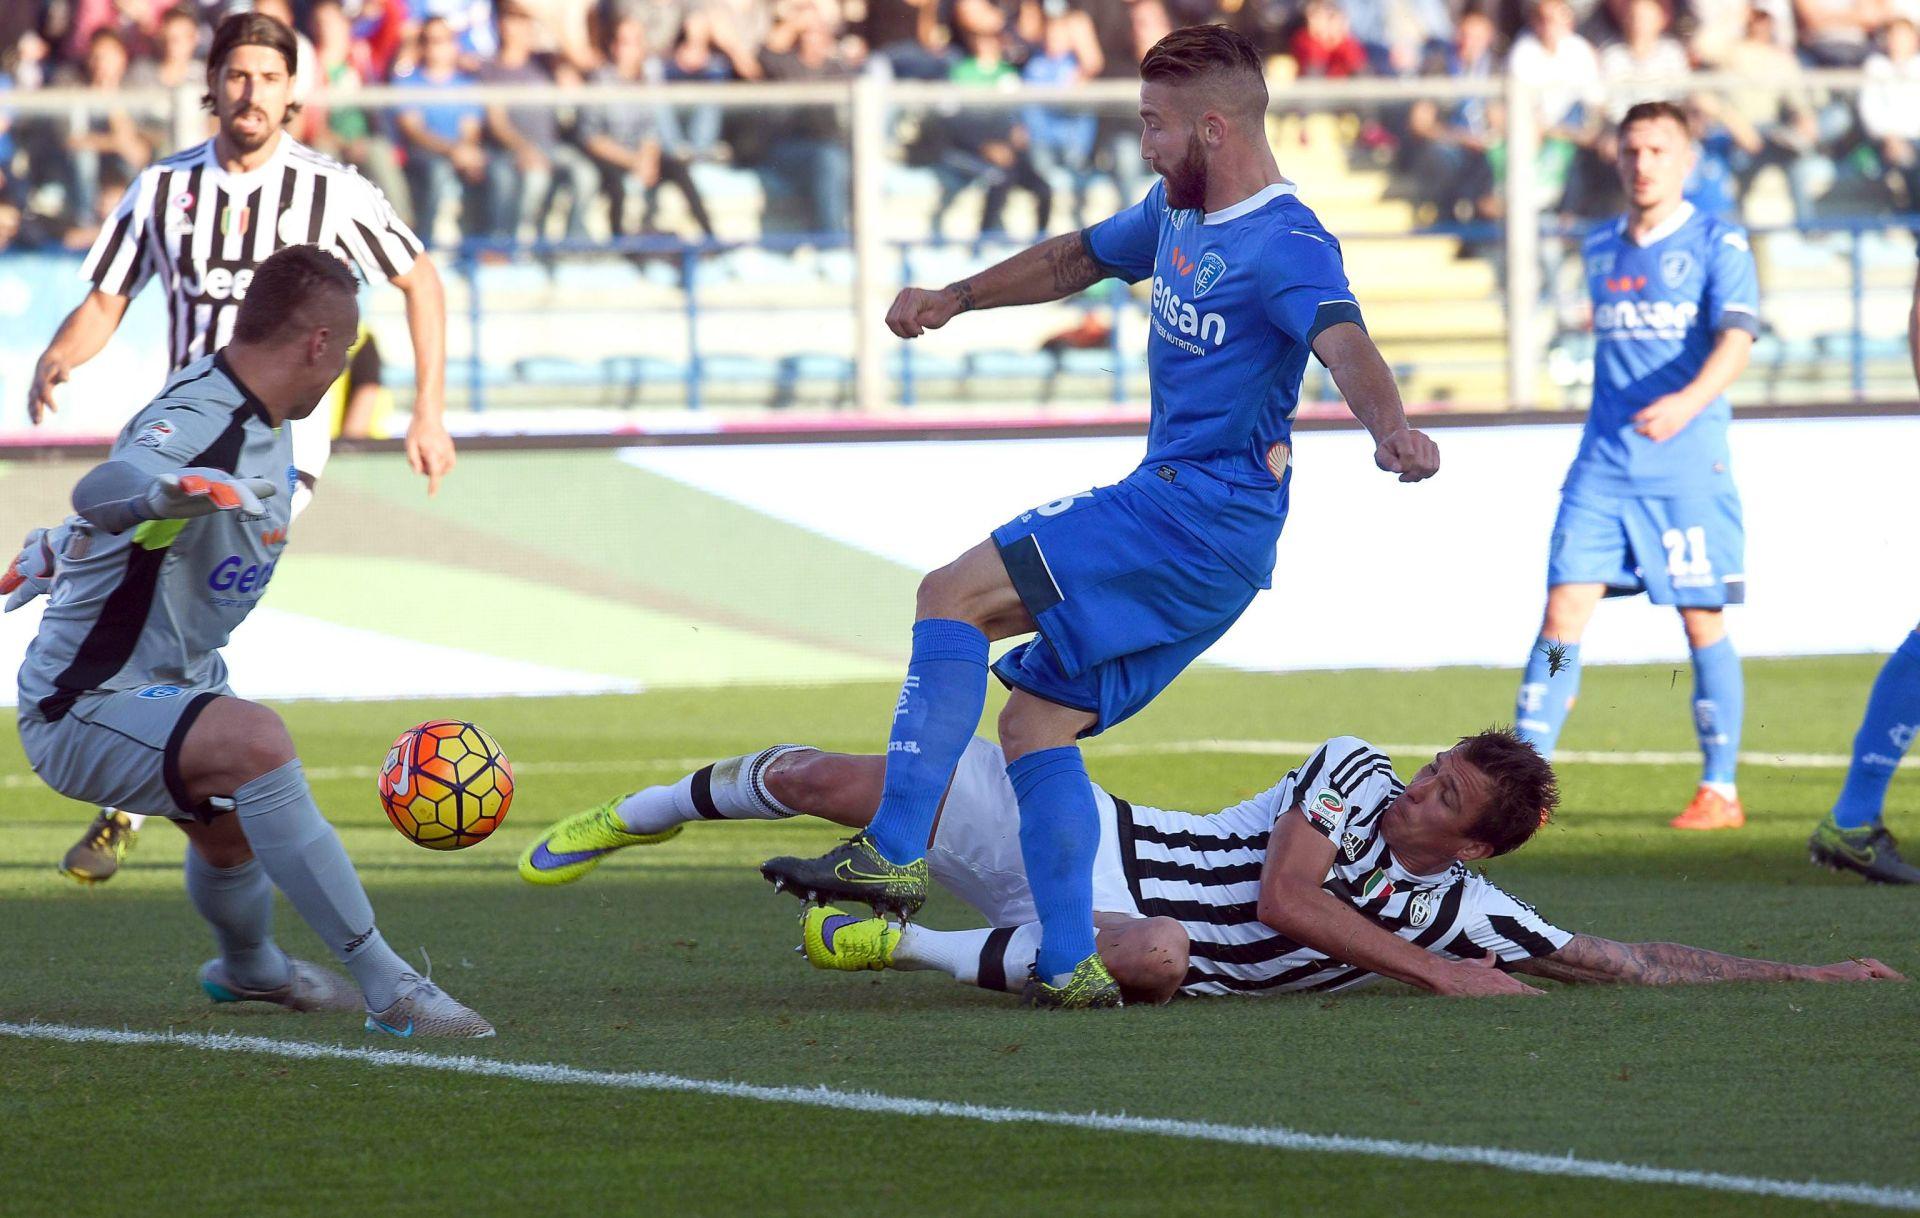 VIDEO: SERIE A Inter preuzeo vrh, Mandžukić započeo preokret Juvea kod Empolija